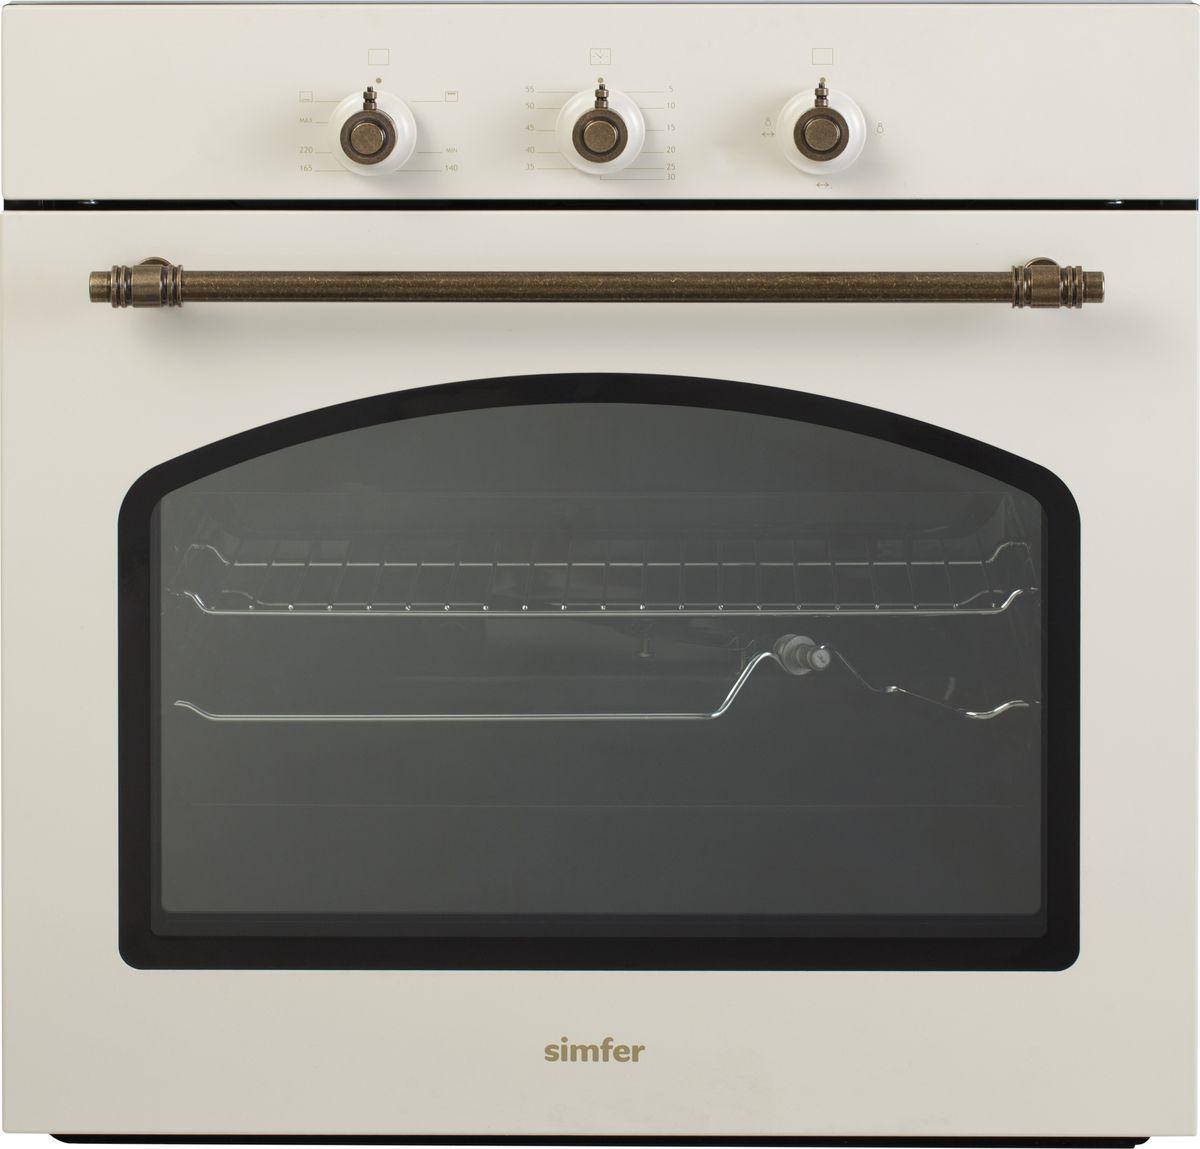 лучшая цена Духовой шкаф Simfer B6GO12017, газовый, встраиваемый